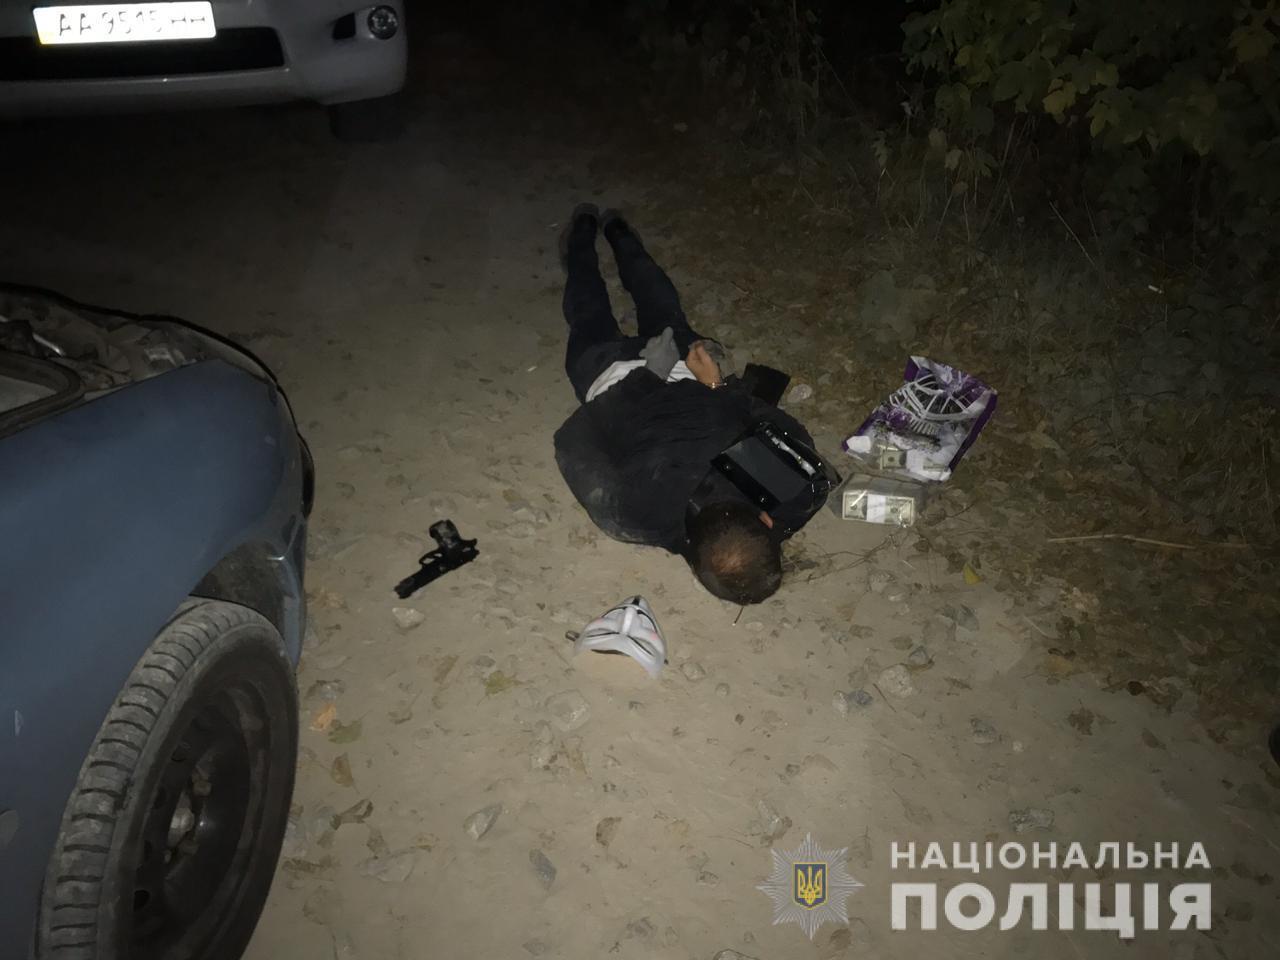 На Обухівщині затримали банду нападників на підприємця - іноземці, банда - Rozbij4